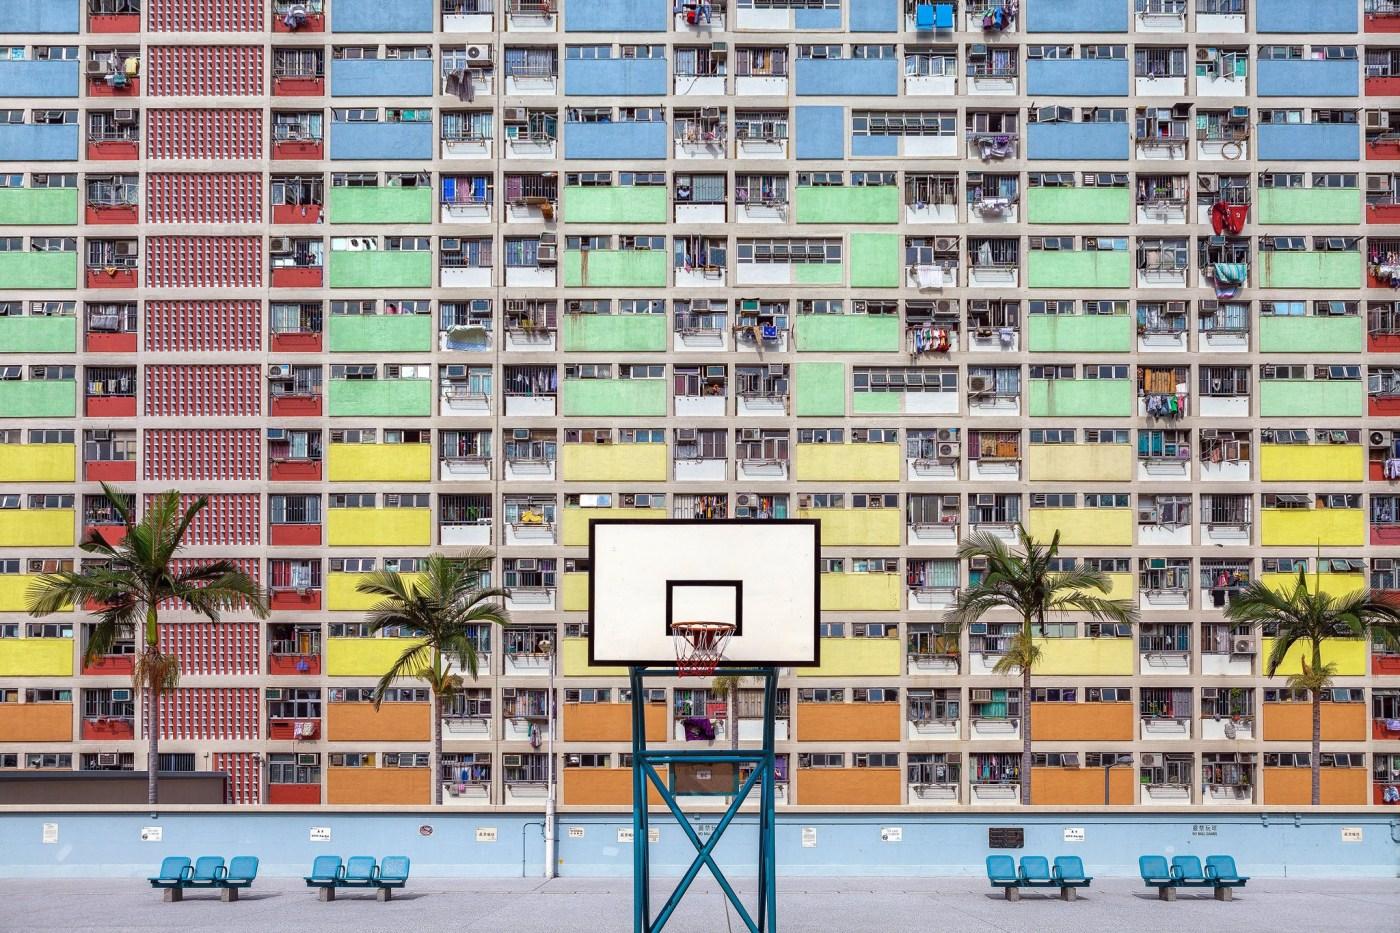 10 - Stacked Hong Kong